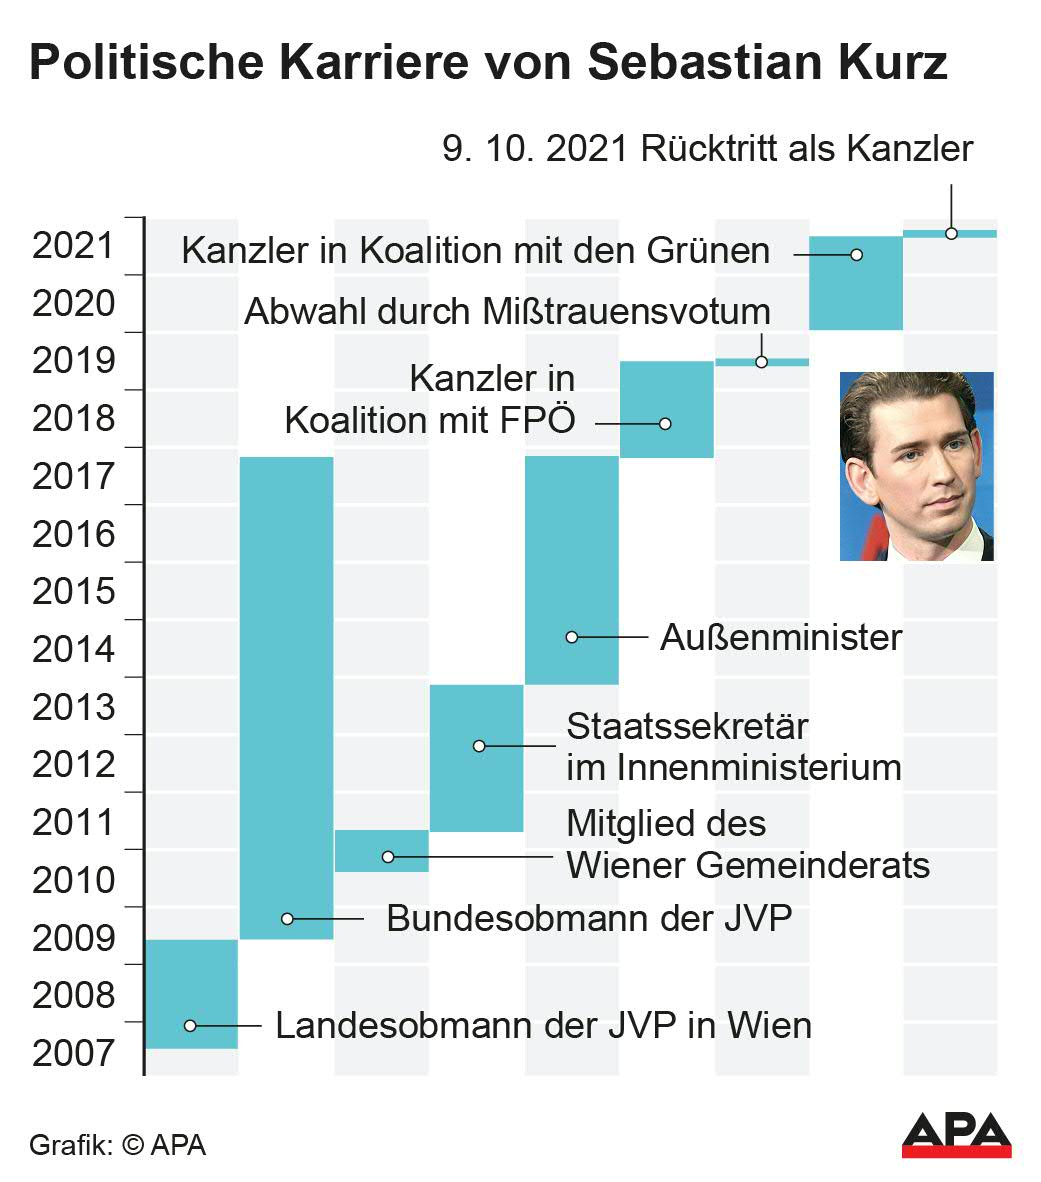 APADie politische Karriere von Sebastian Kurz =.jpg